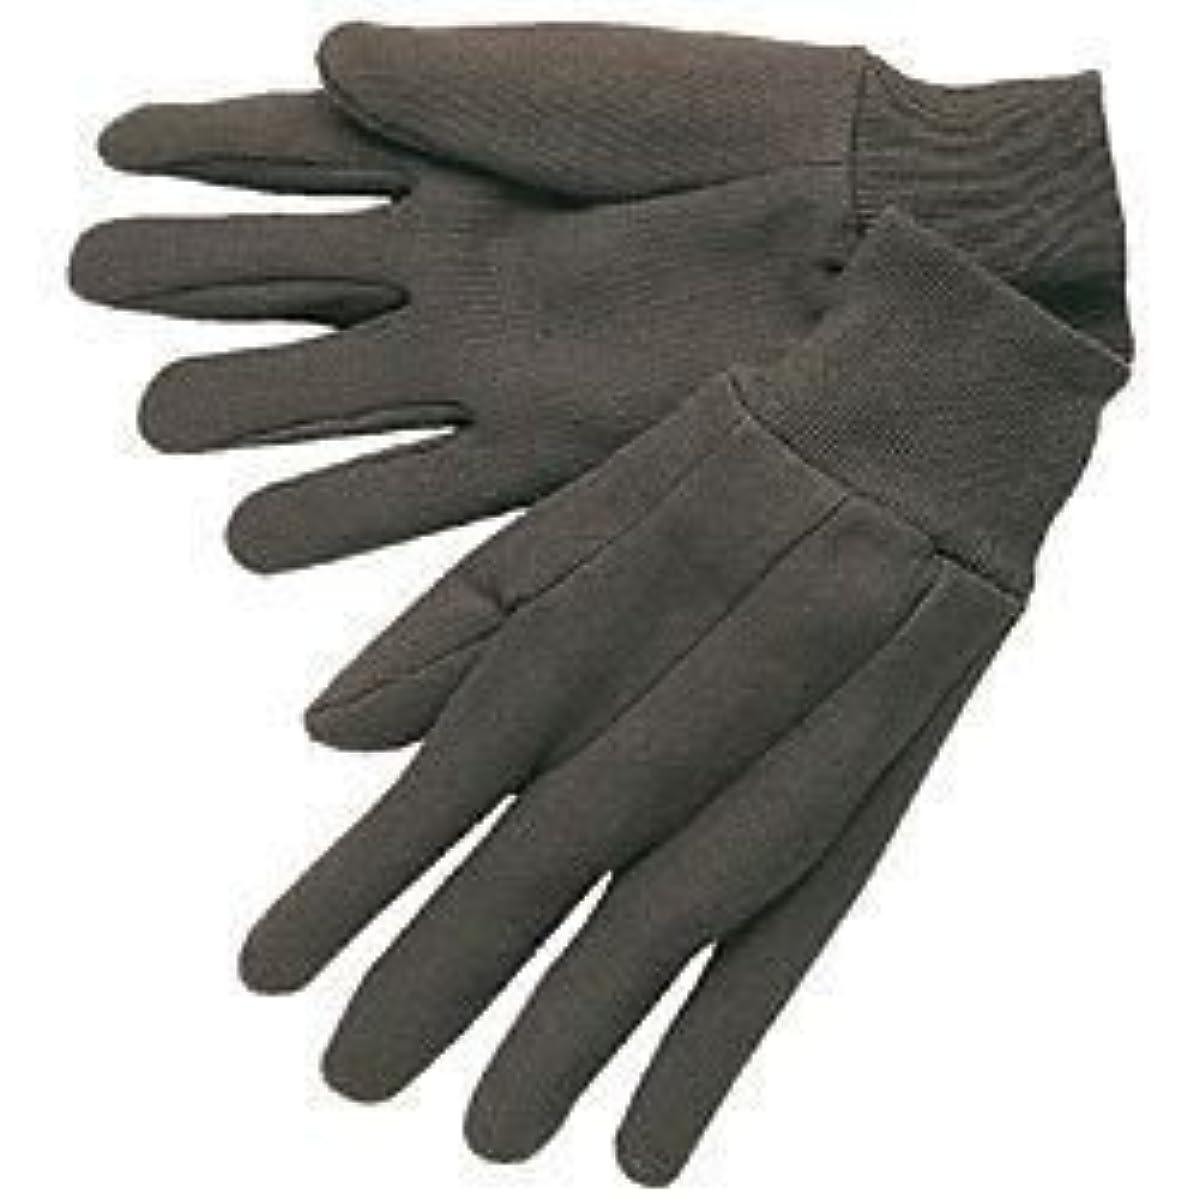 Memphis Glove 7102 ladies Cotton Jersey knit Wrist Work Gloves, Brown, 12 pair by Memphis Glove